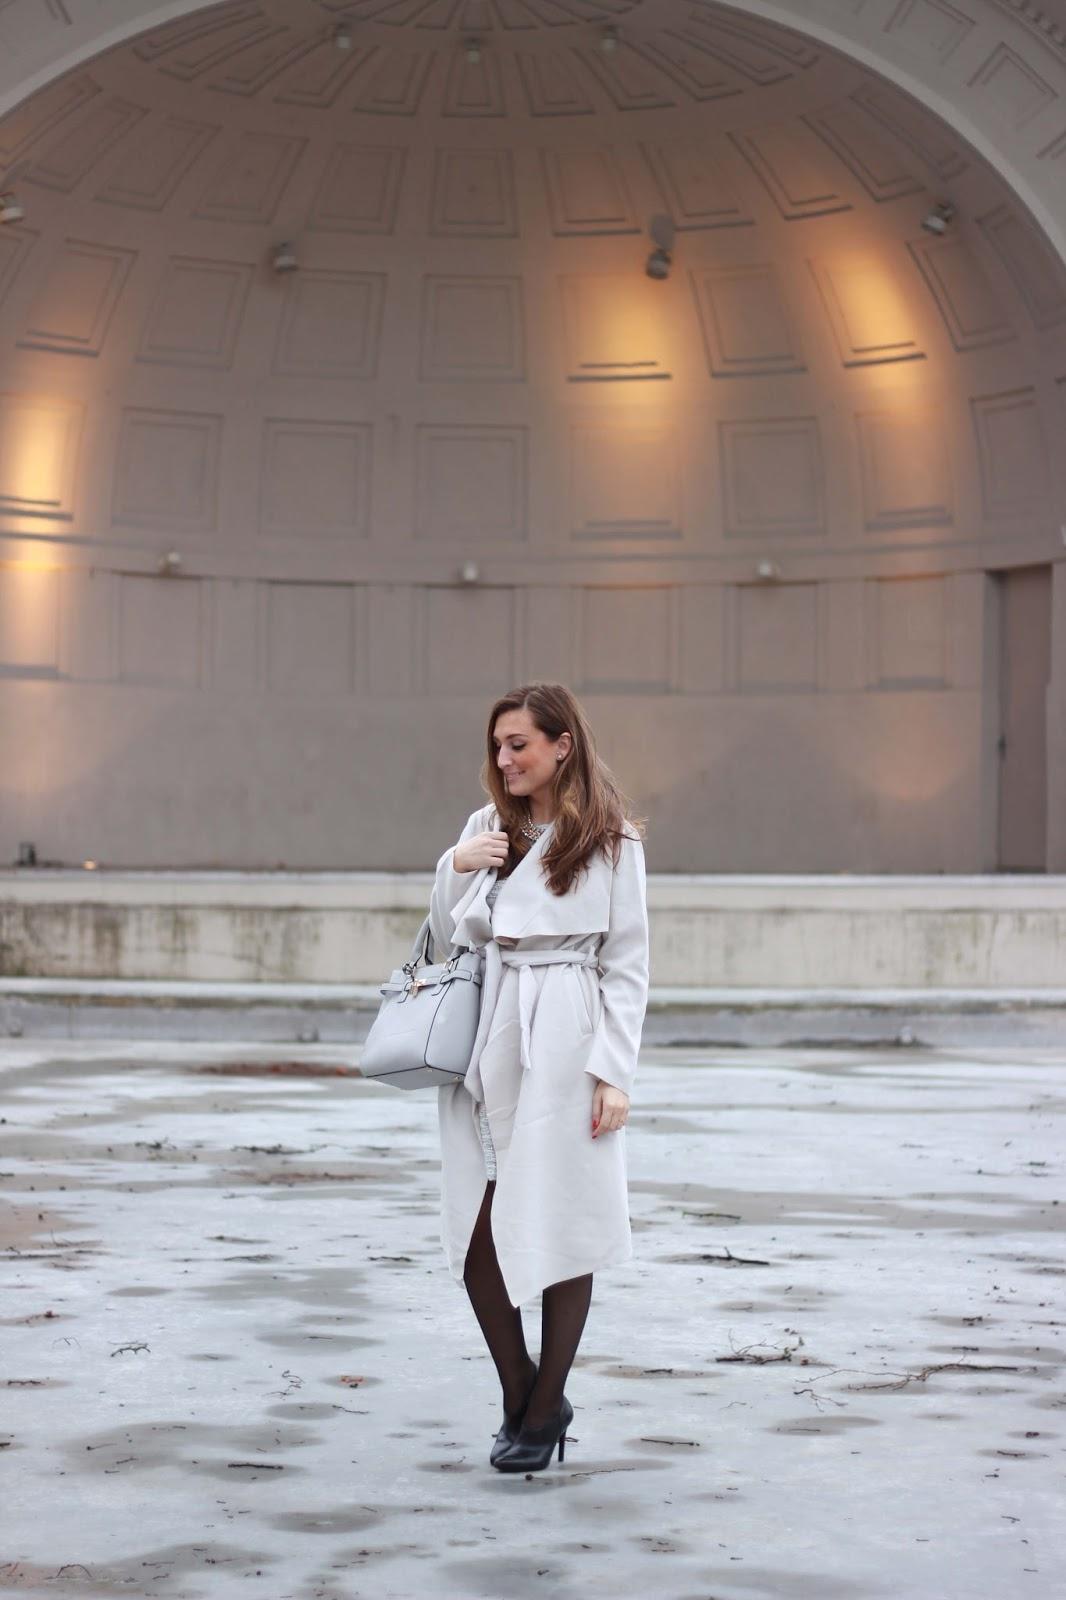 Deutsche Fashionblogger - Deutschlands beste Fashionblogger - Gernan Fashionblogger - Frankfurt Fashionblogger - Fashionblogger Frankfurt